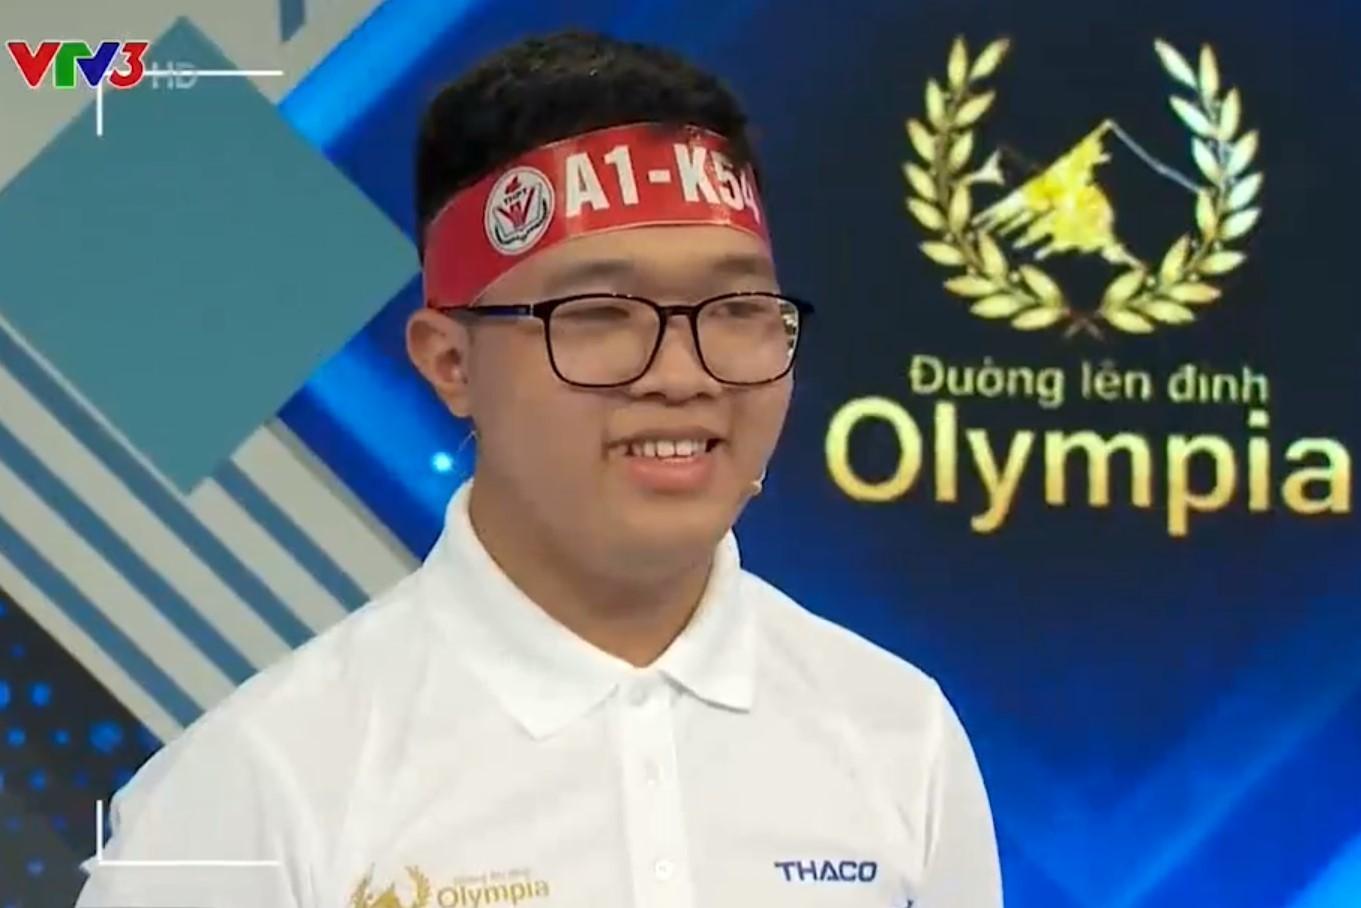 Nam sinh Hà Nội xác lập kỷ lục khó tin tại Đường lên đỉnh Olympia 2021 - Ảnh 2